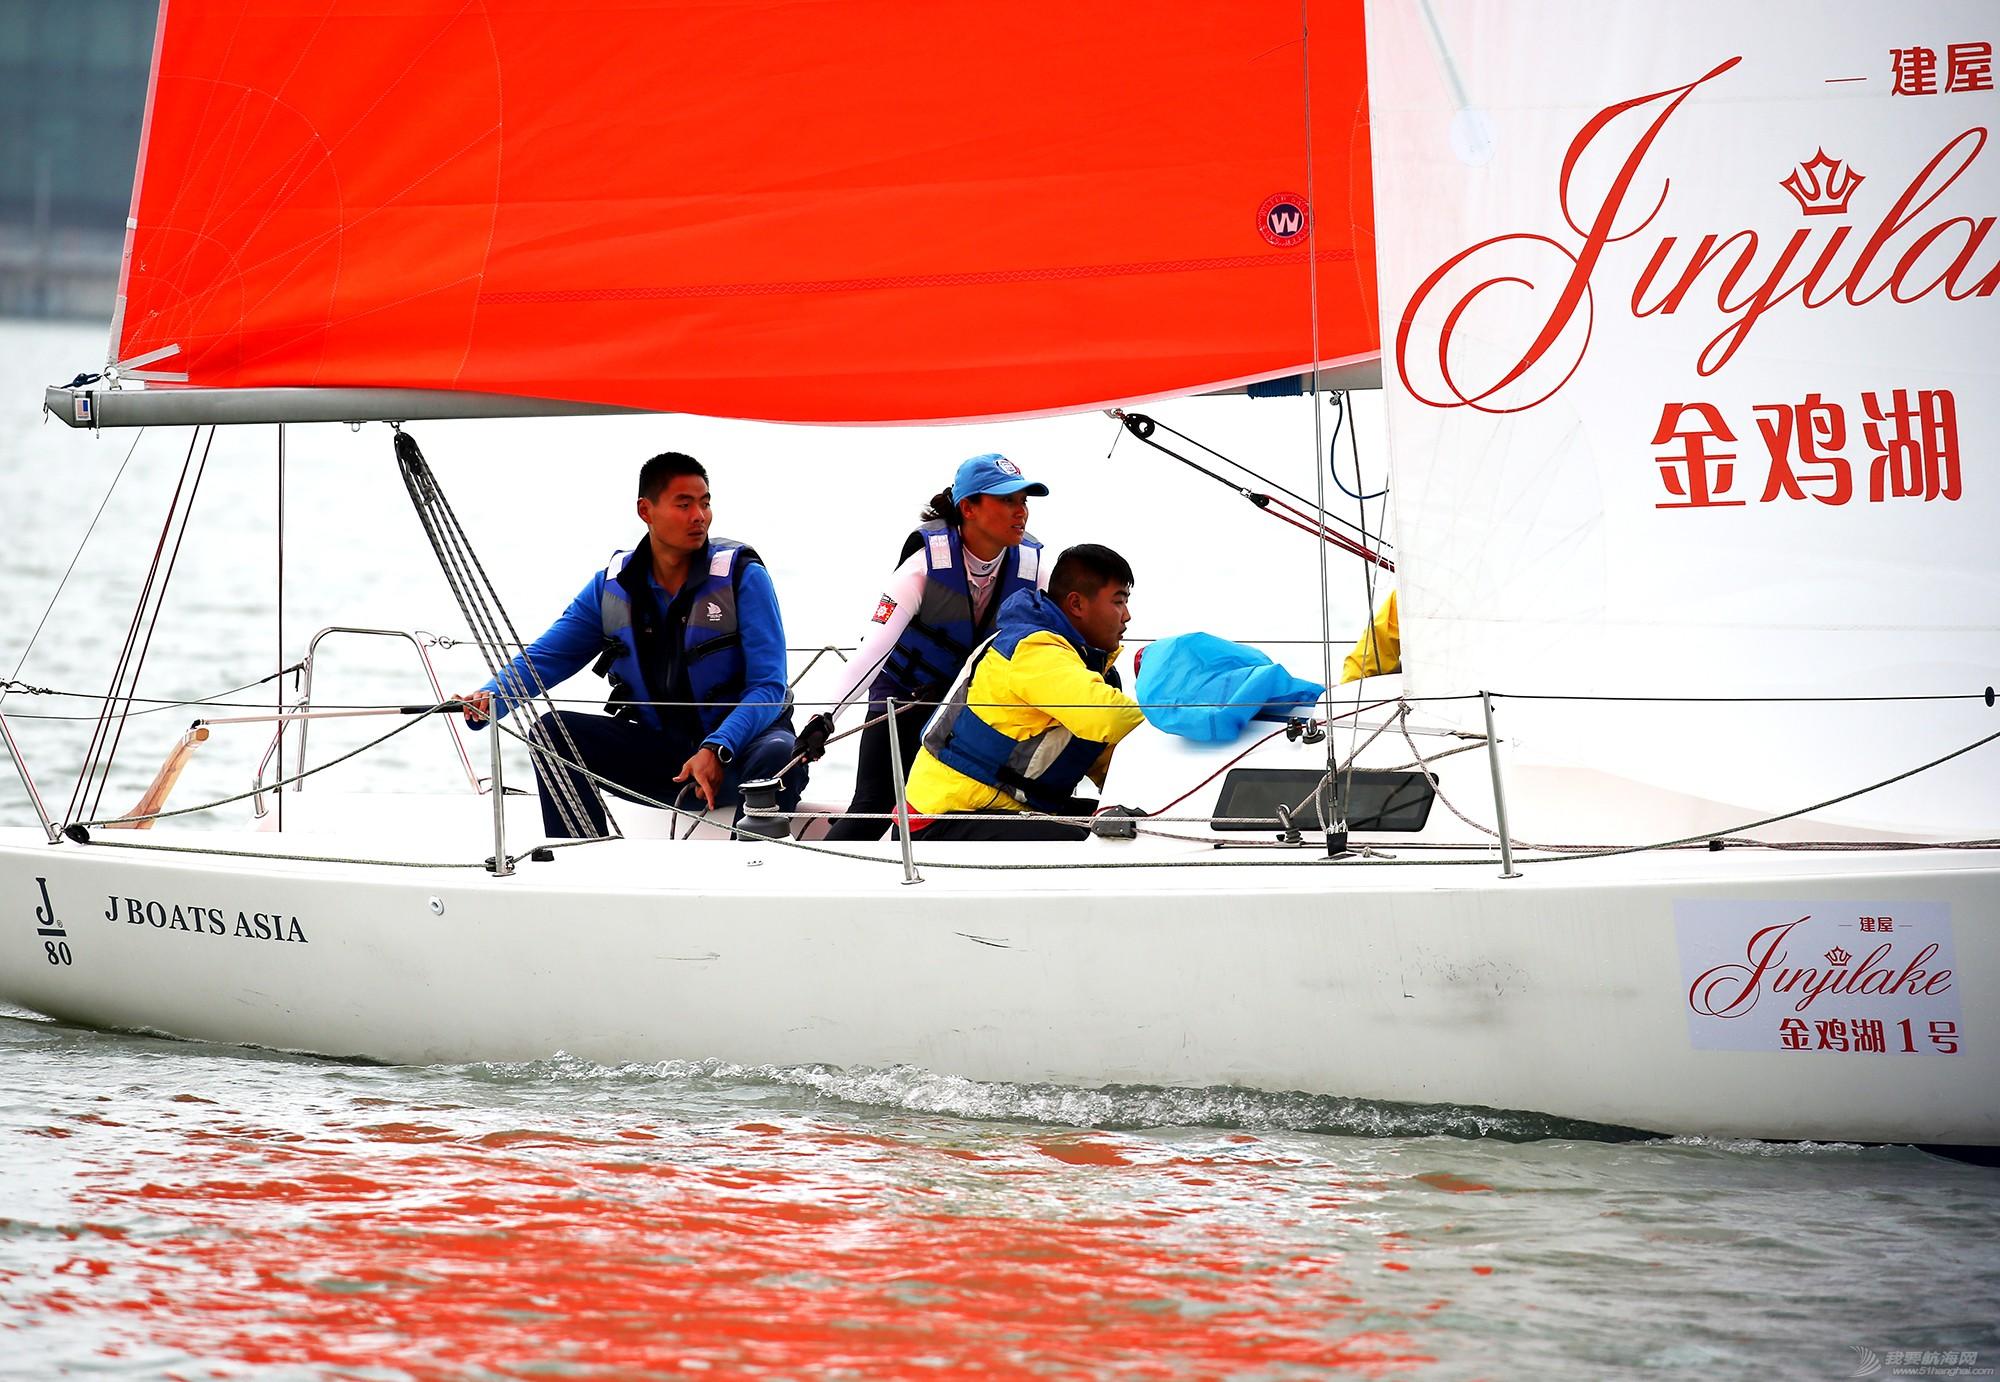 帆船,空间 帆船是灰度空间里跳动的彩色音符 E78W8979.JPG